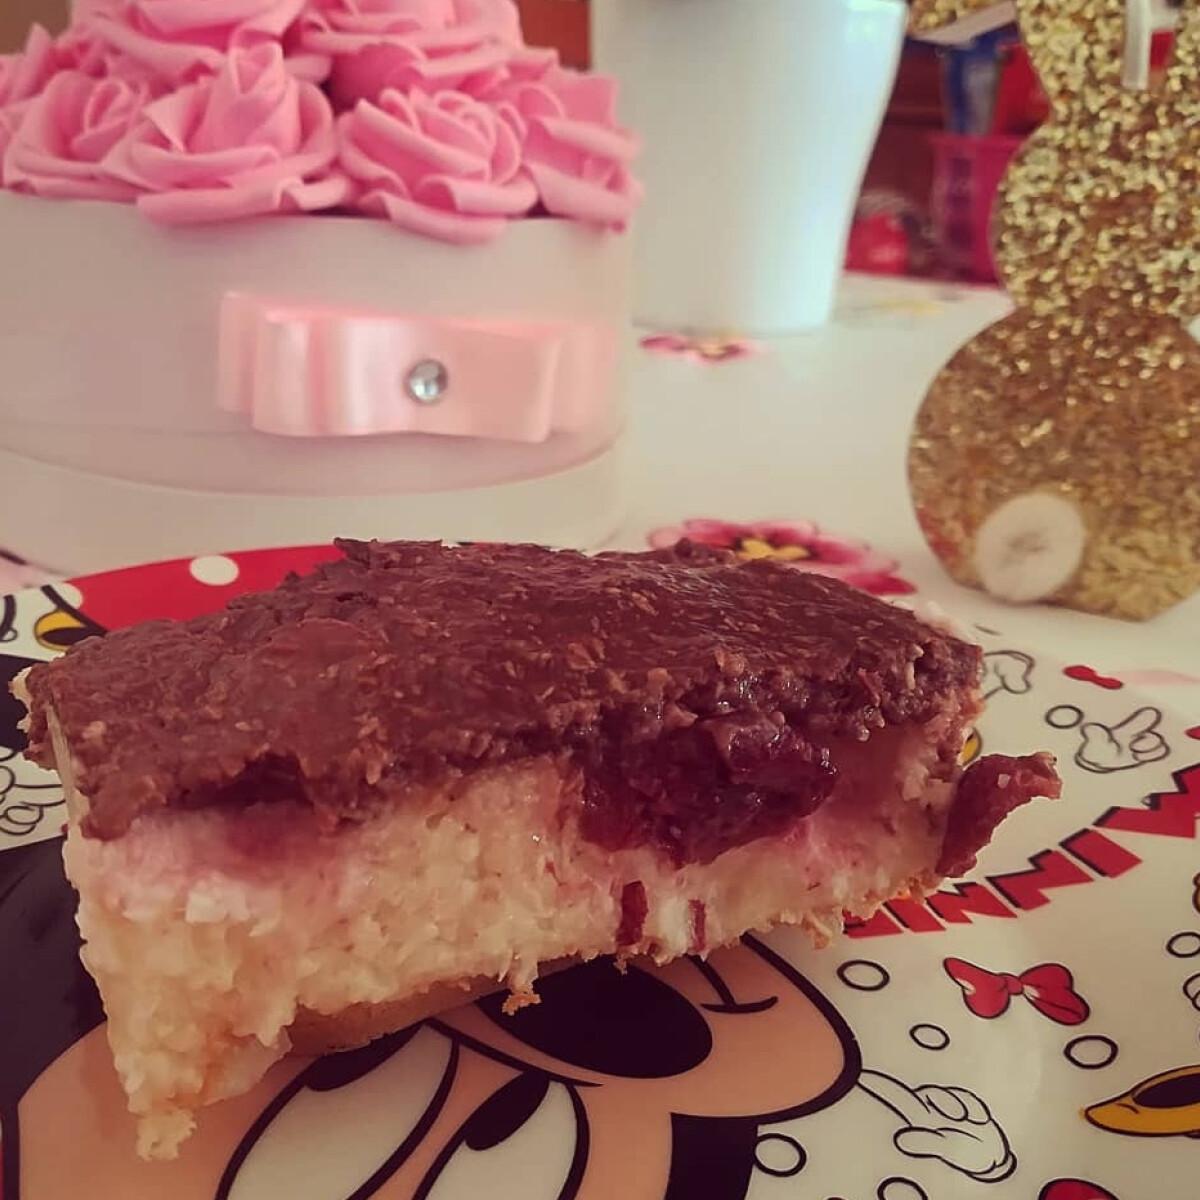 Meggyes-kókuszos tejbegríz szelet, sütés nélkül